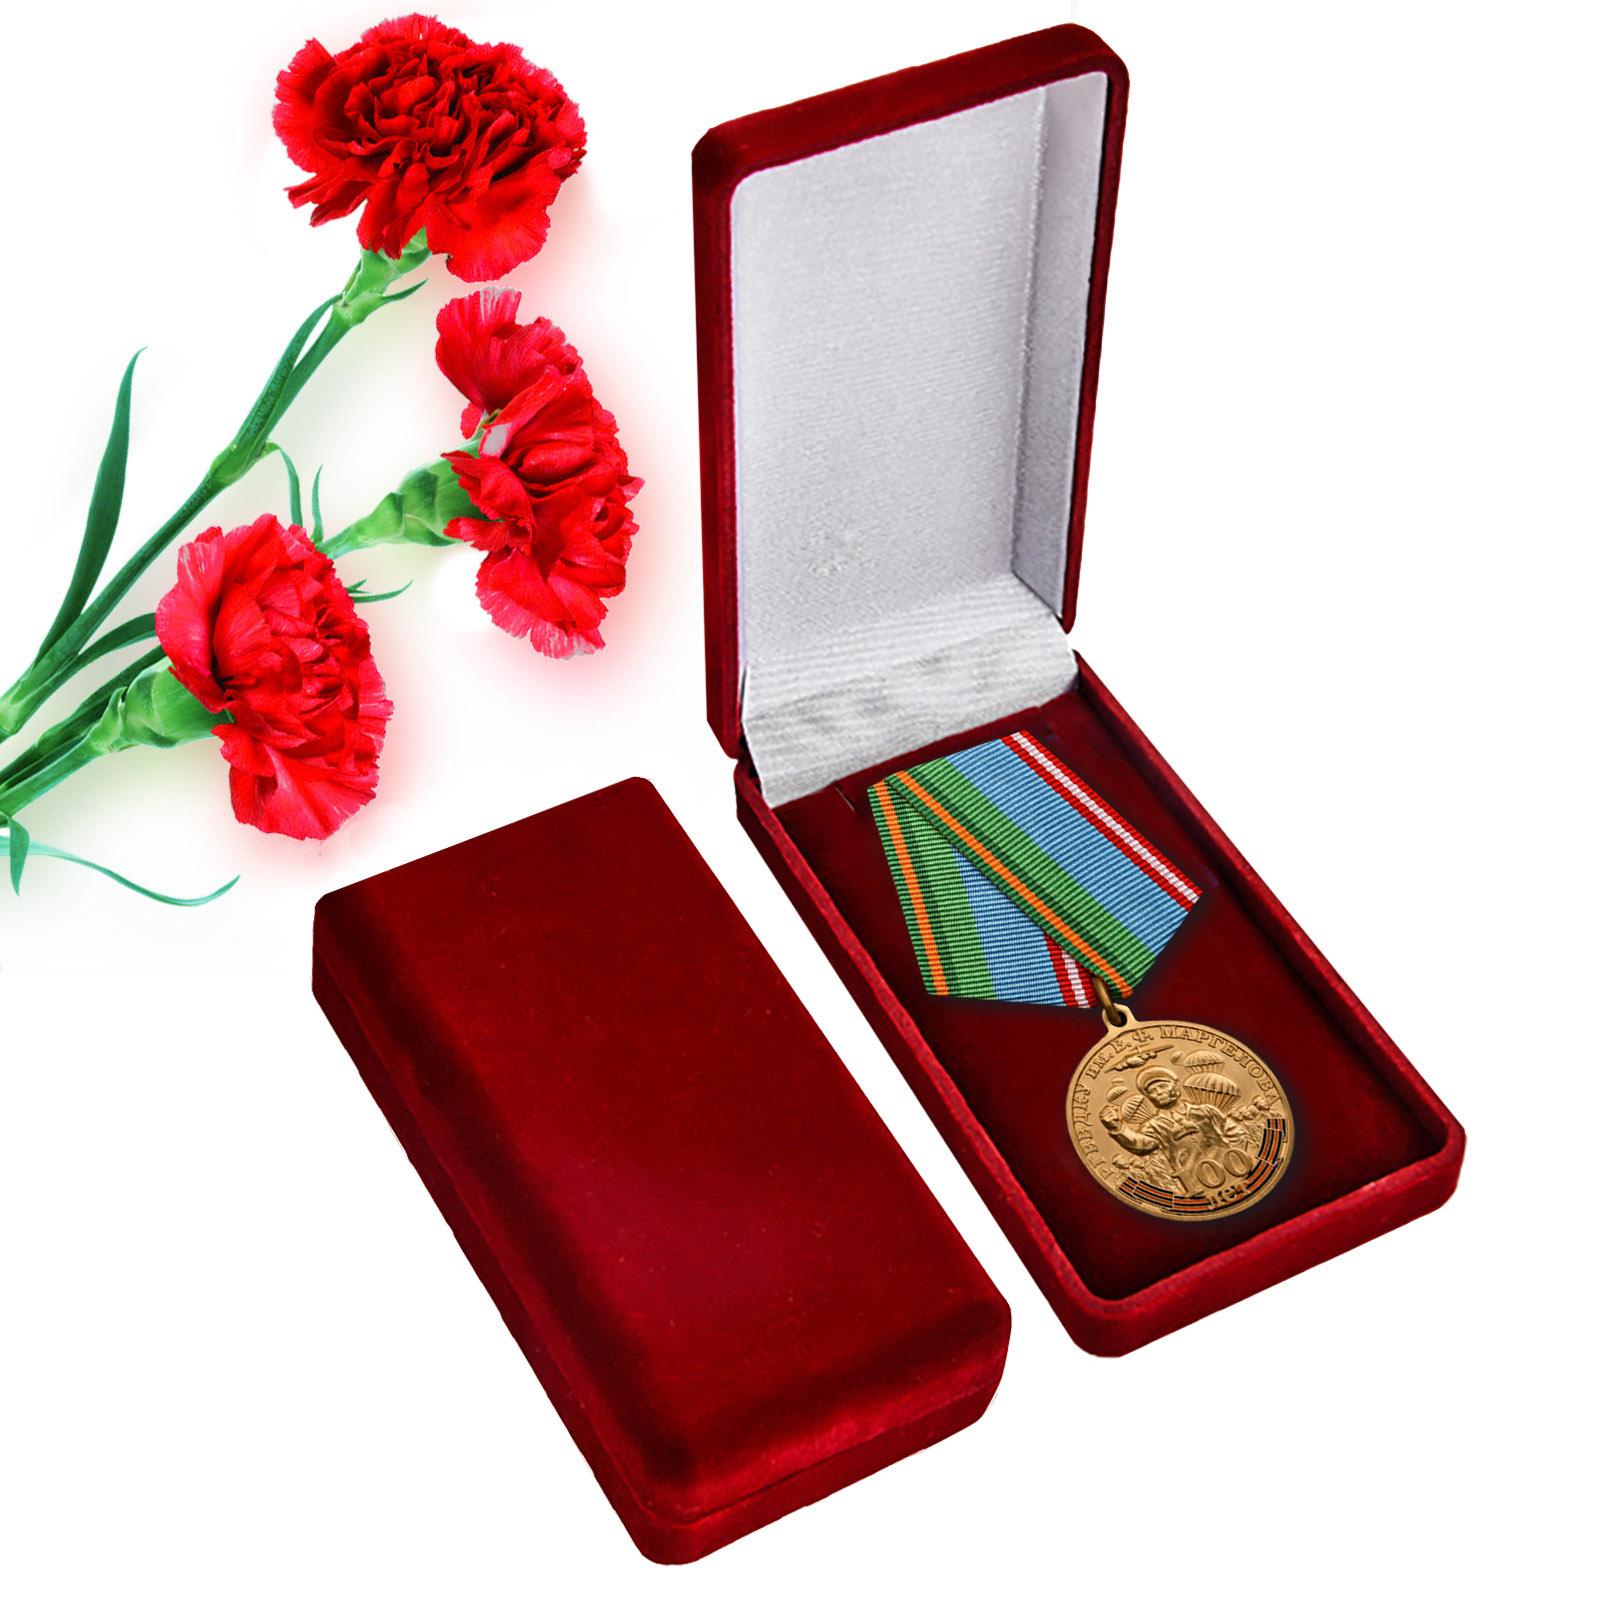 Юбилейная медаль РВВДКУ к 100-летию со Дня основания